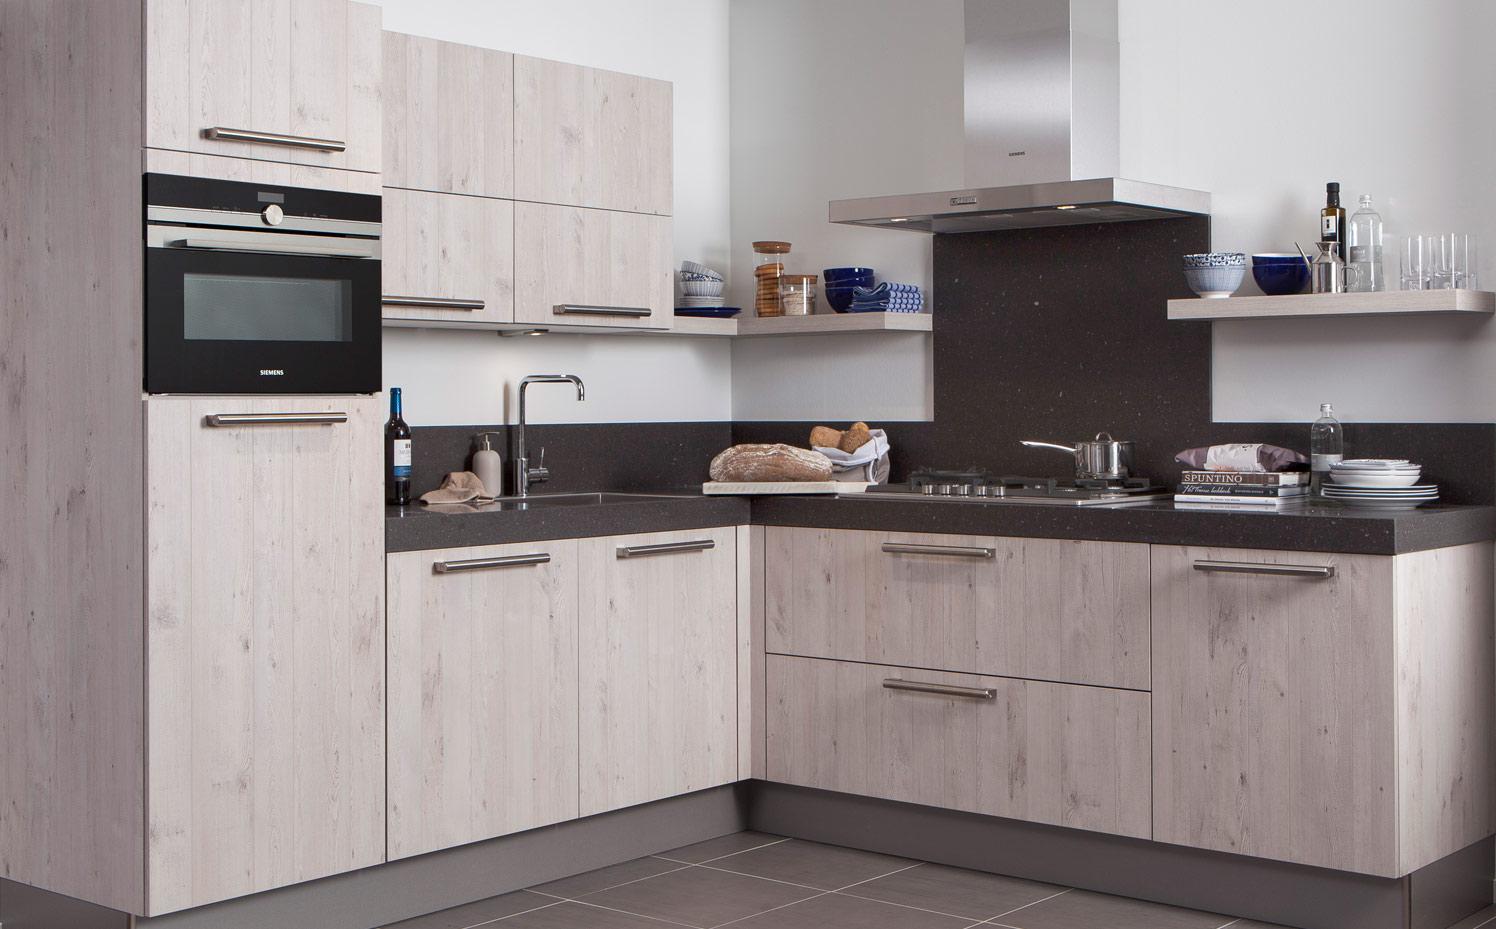 Keukens van topkwaliteit uit eigen fabriek keuken kampioen